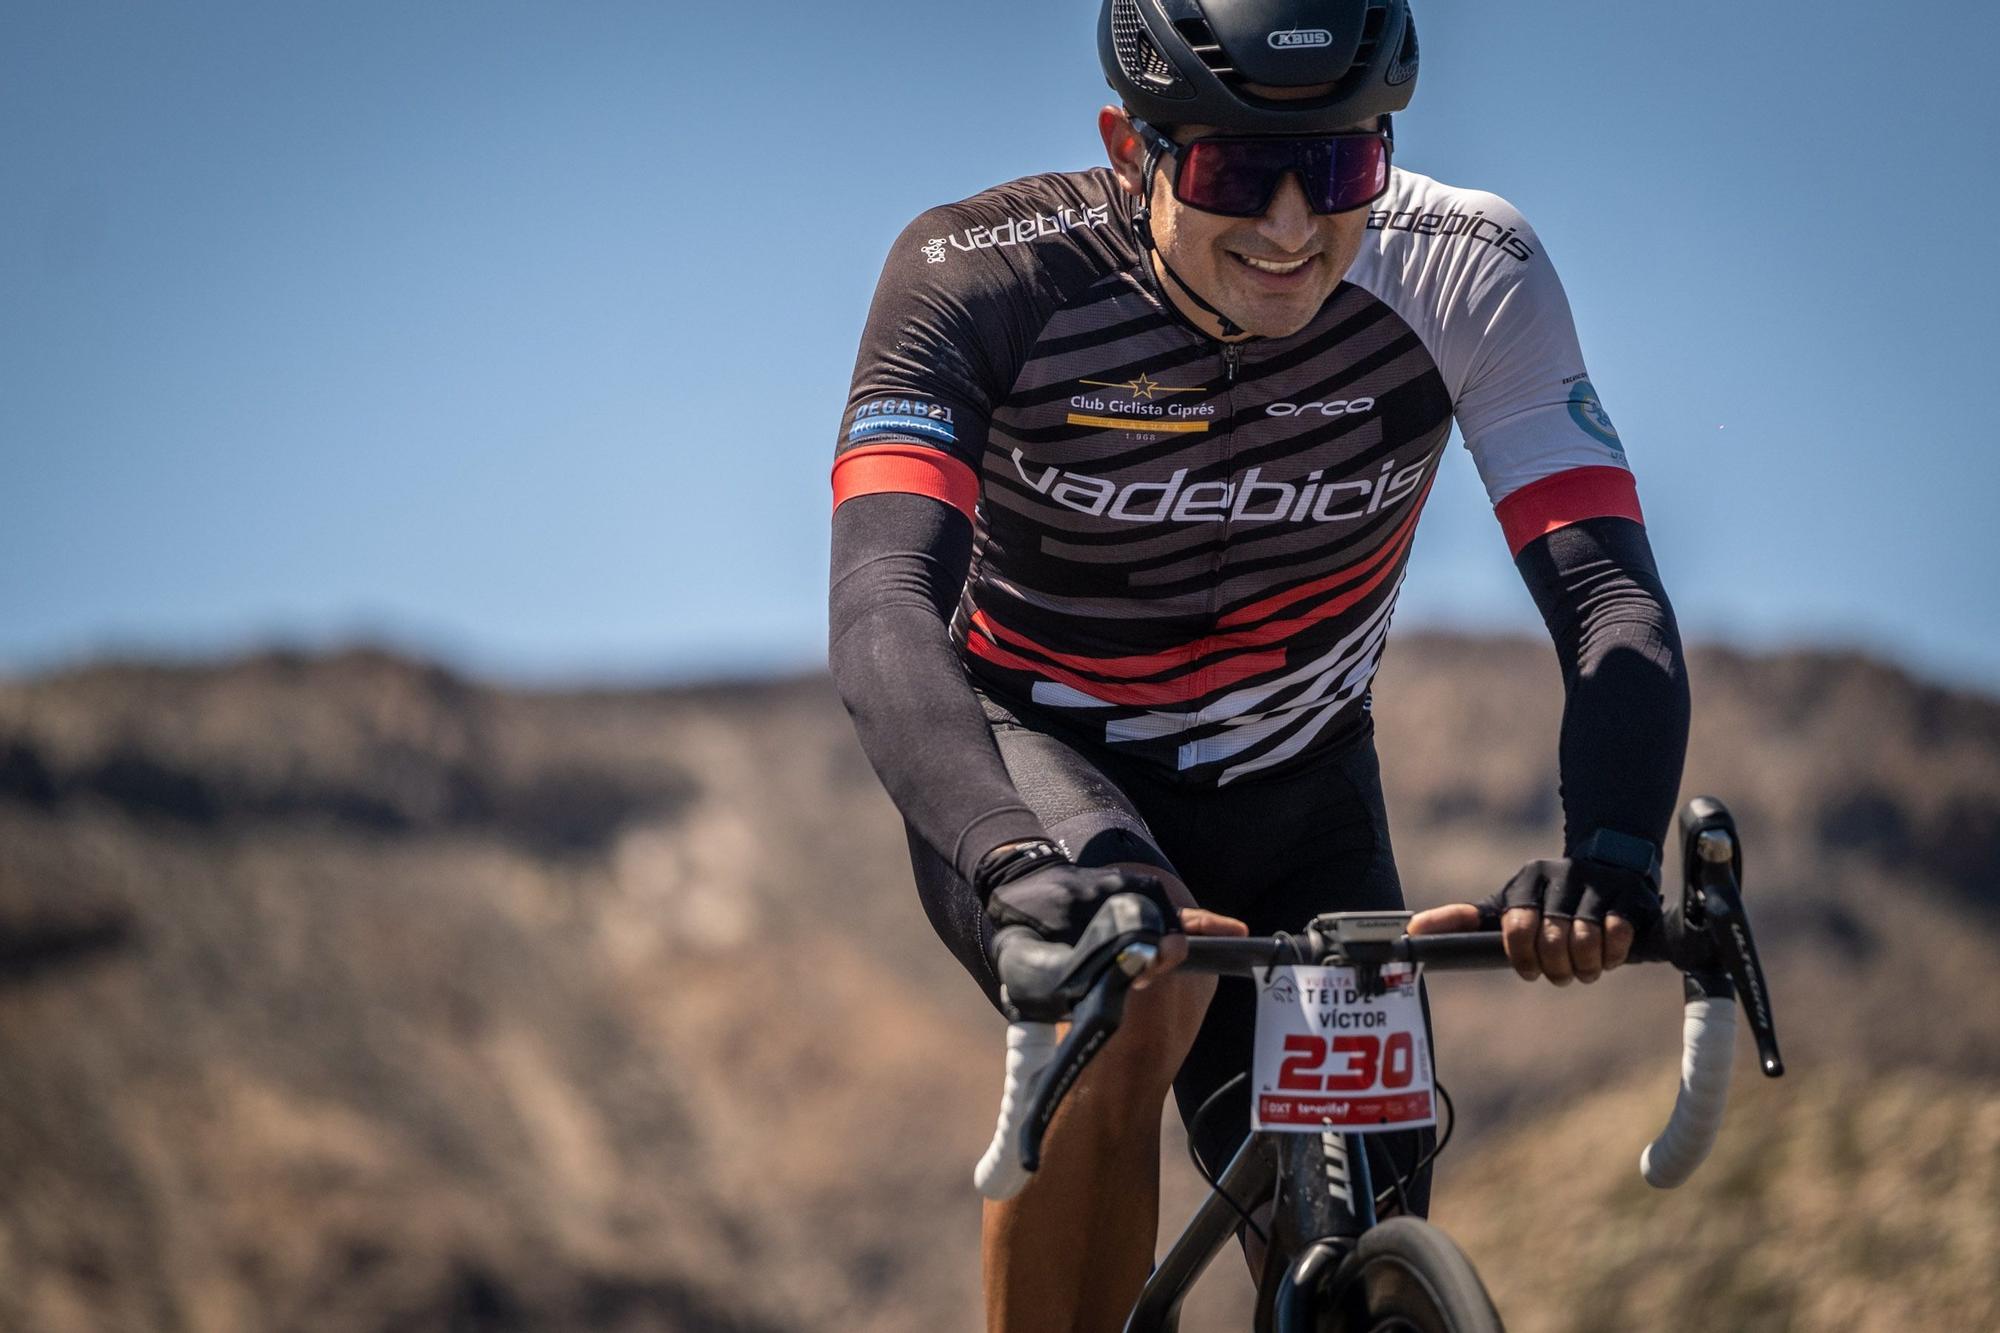 Vuelta Ciclista en el Teide